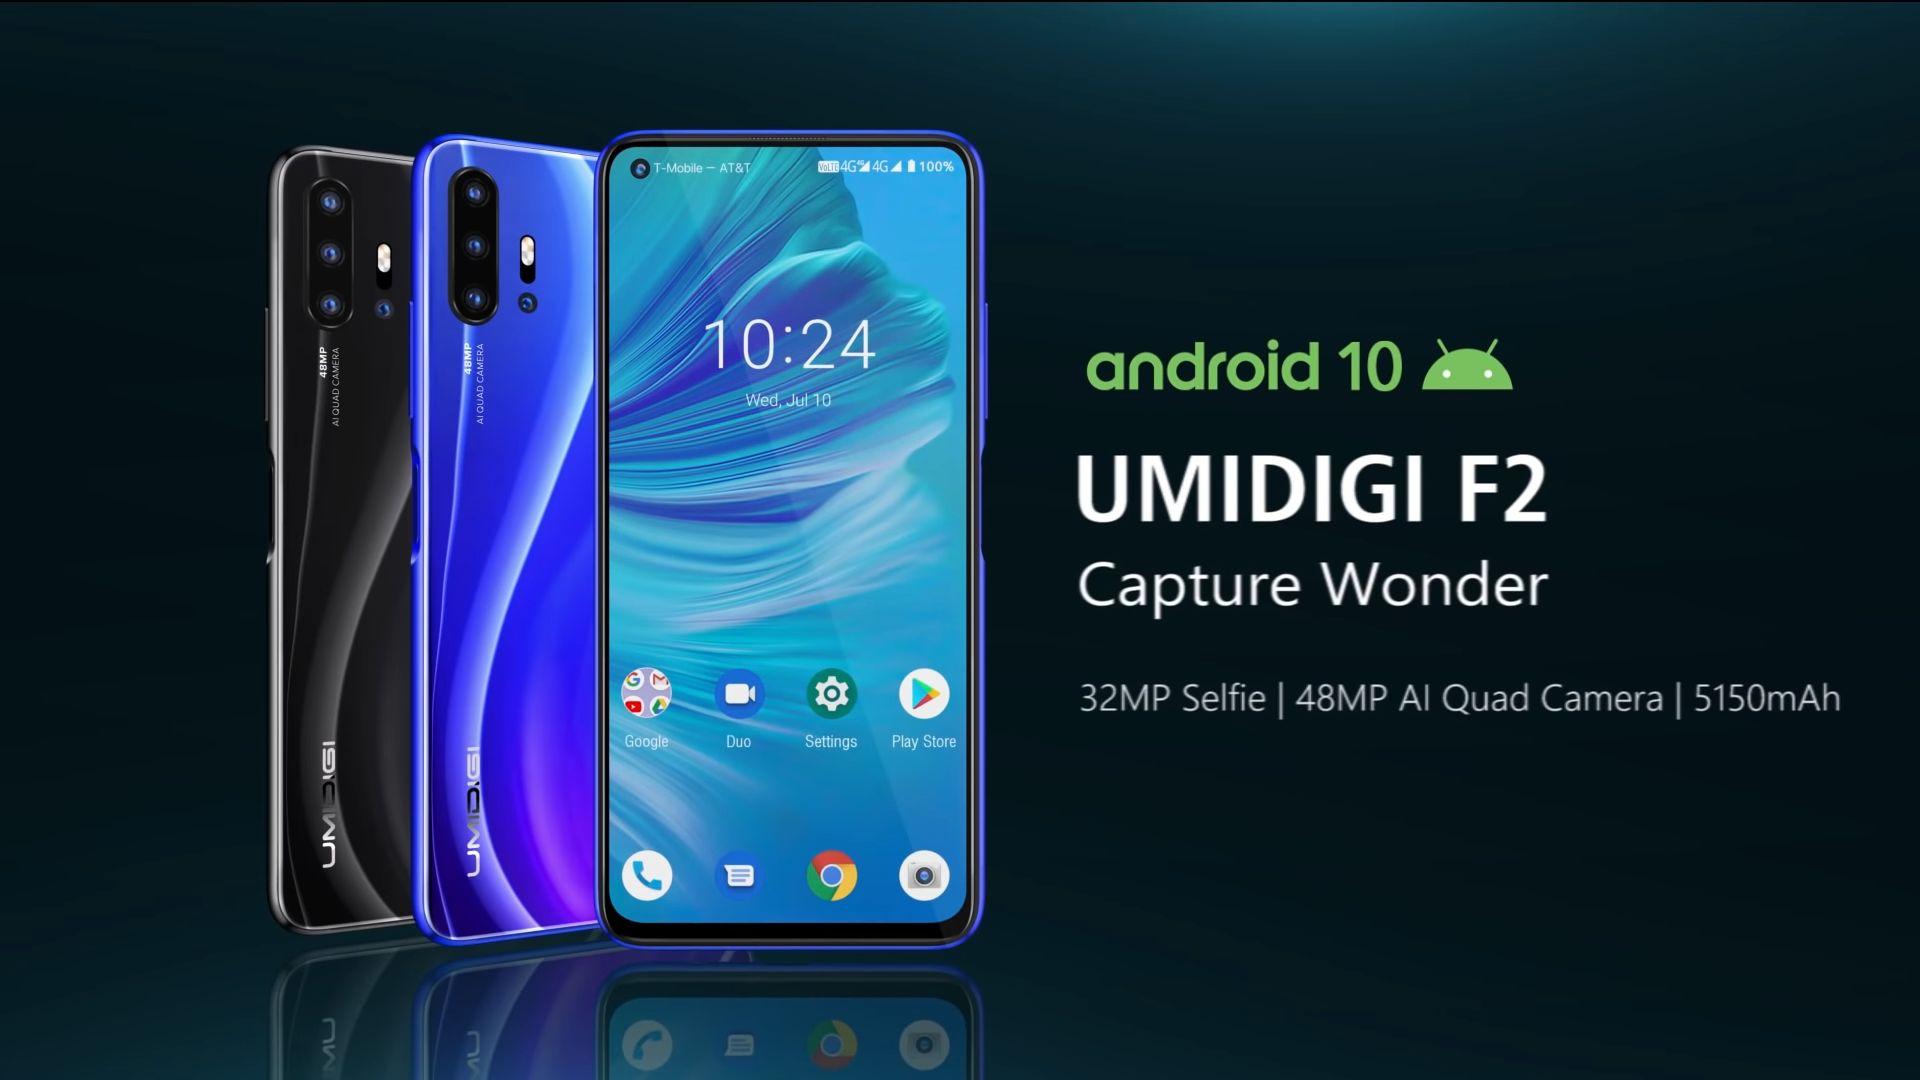 UMIDIGI F2 presentato ufficialmente: uno smartphone con 4 fotocamere, super batteria, Android 10 e display con foro